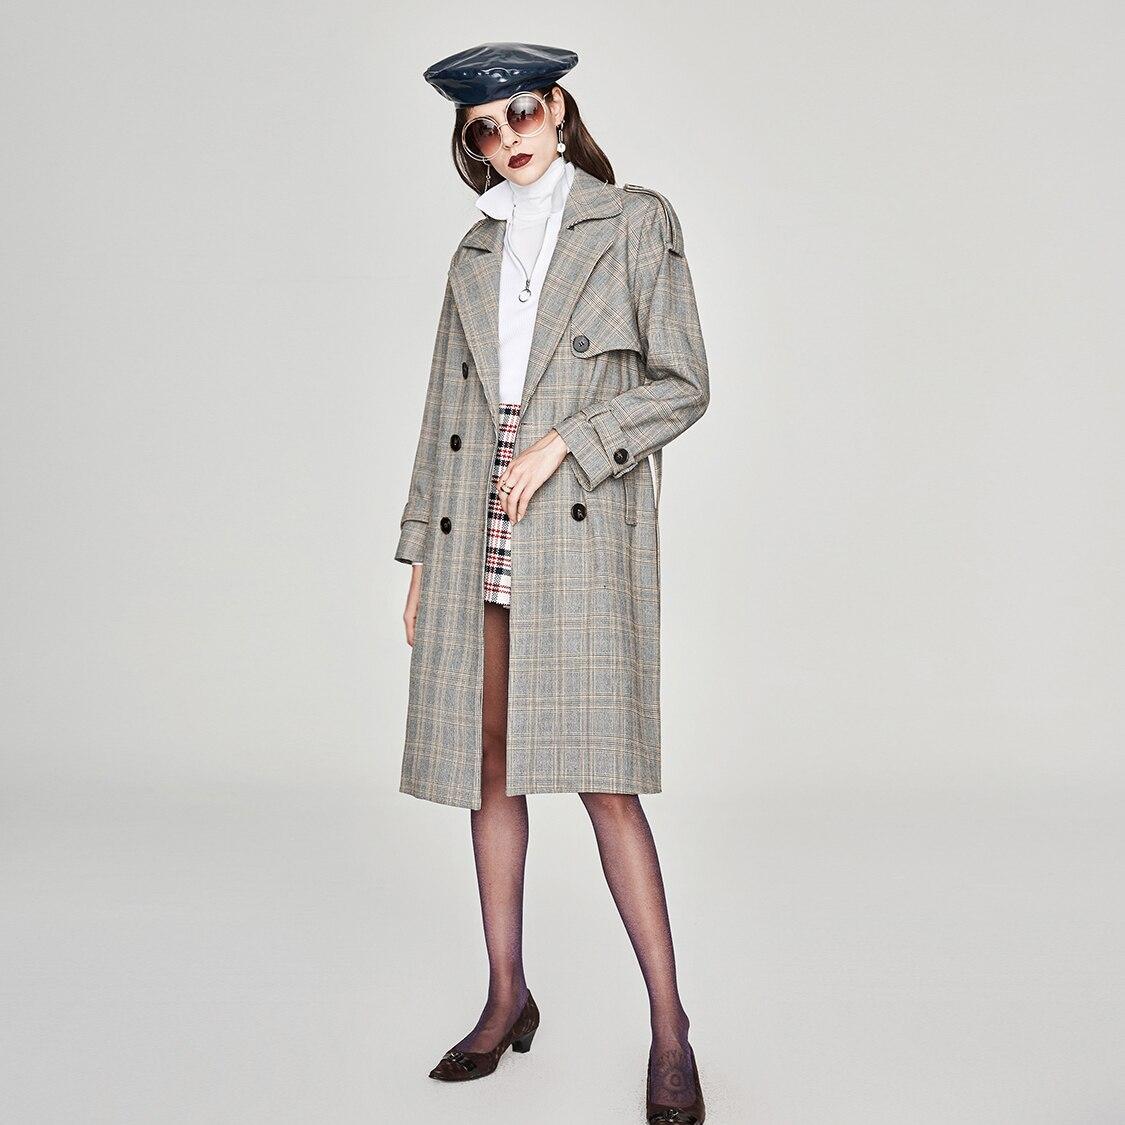 JAZZEVAR nowy 2019 jesienna moda ulicy na co dzień kobiet w stylu Vintage plaid podwójne piersi wykop płaszcz odzieży wysokiej jakości w Wełna i mieszanki od Odzież damska na  Grupa 3